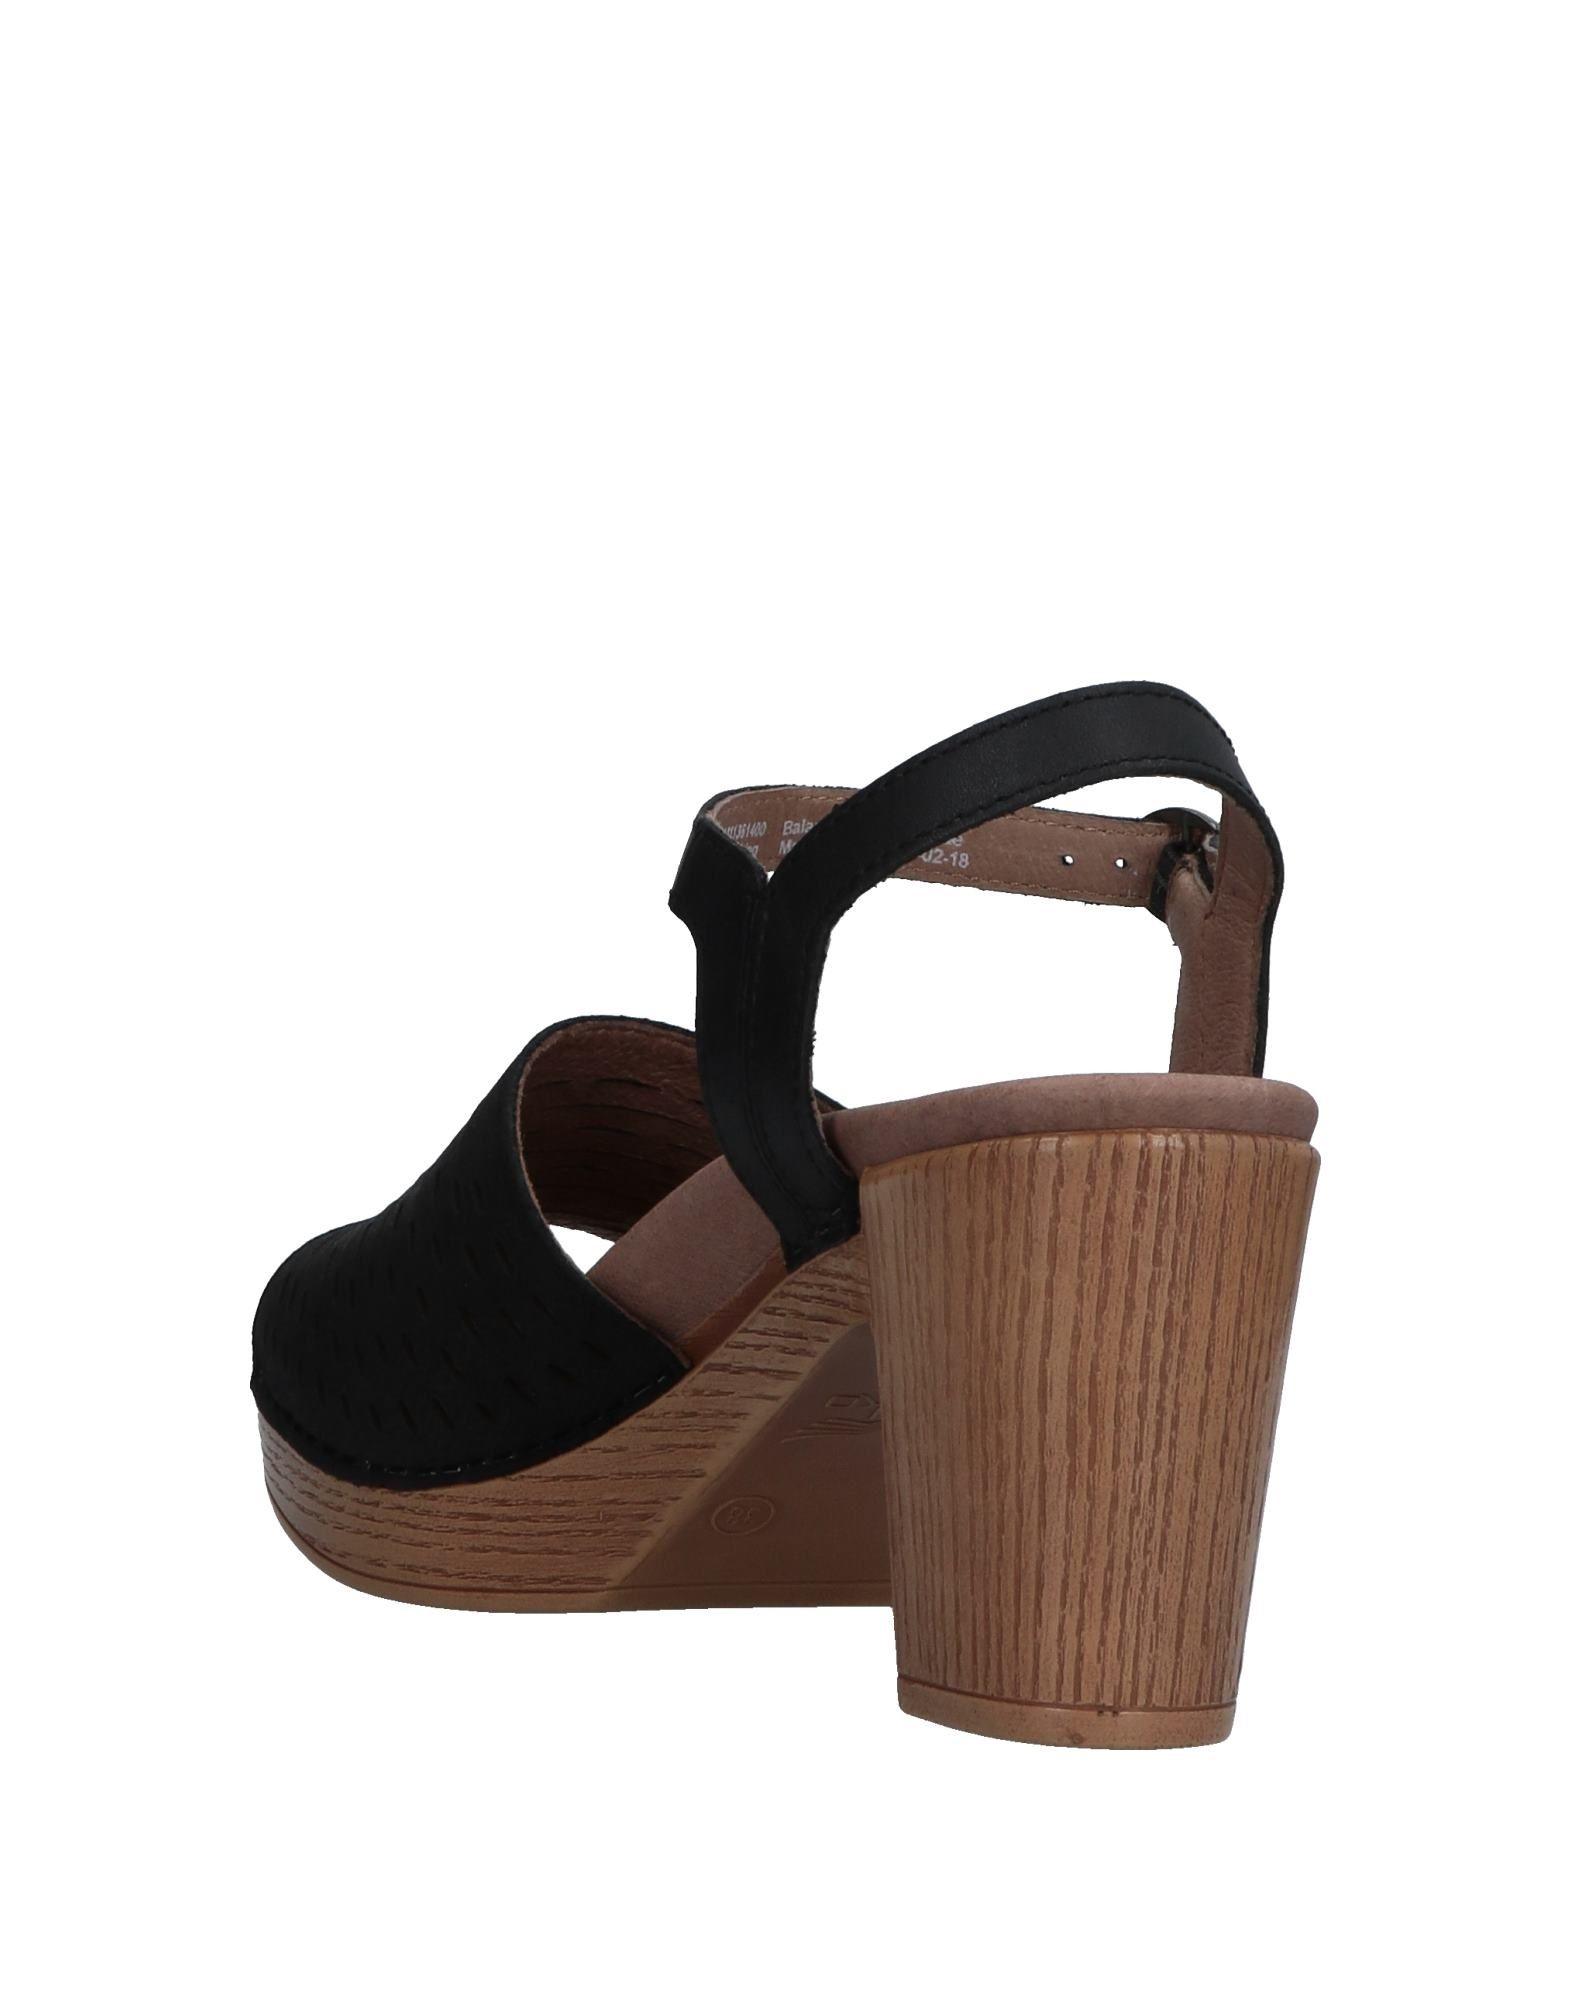 dansko sandales - femmes dansko dansko dansko sandales en ligne sur canada b4d232